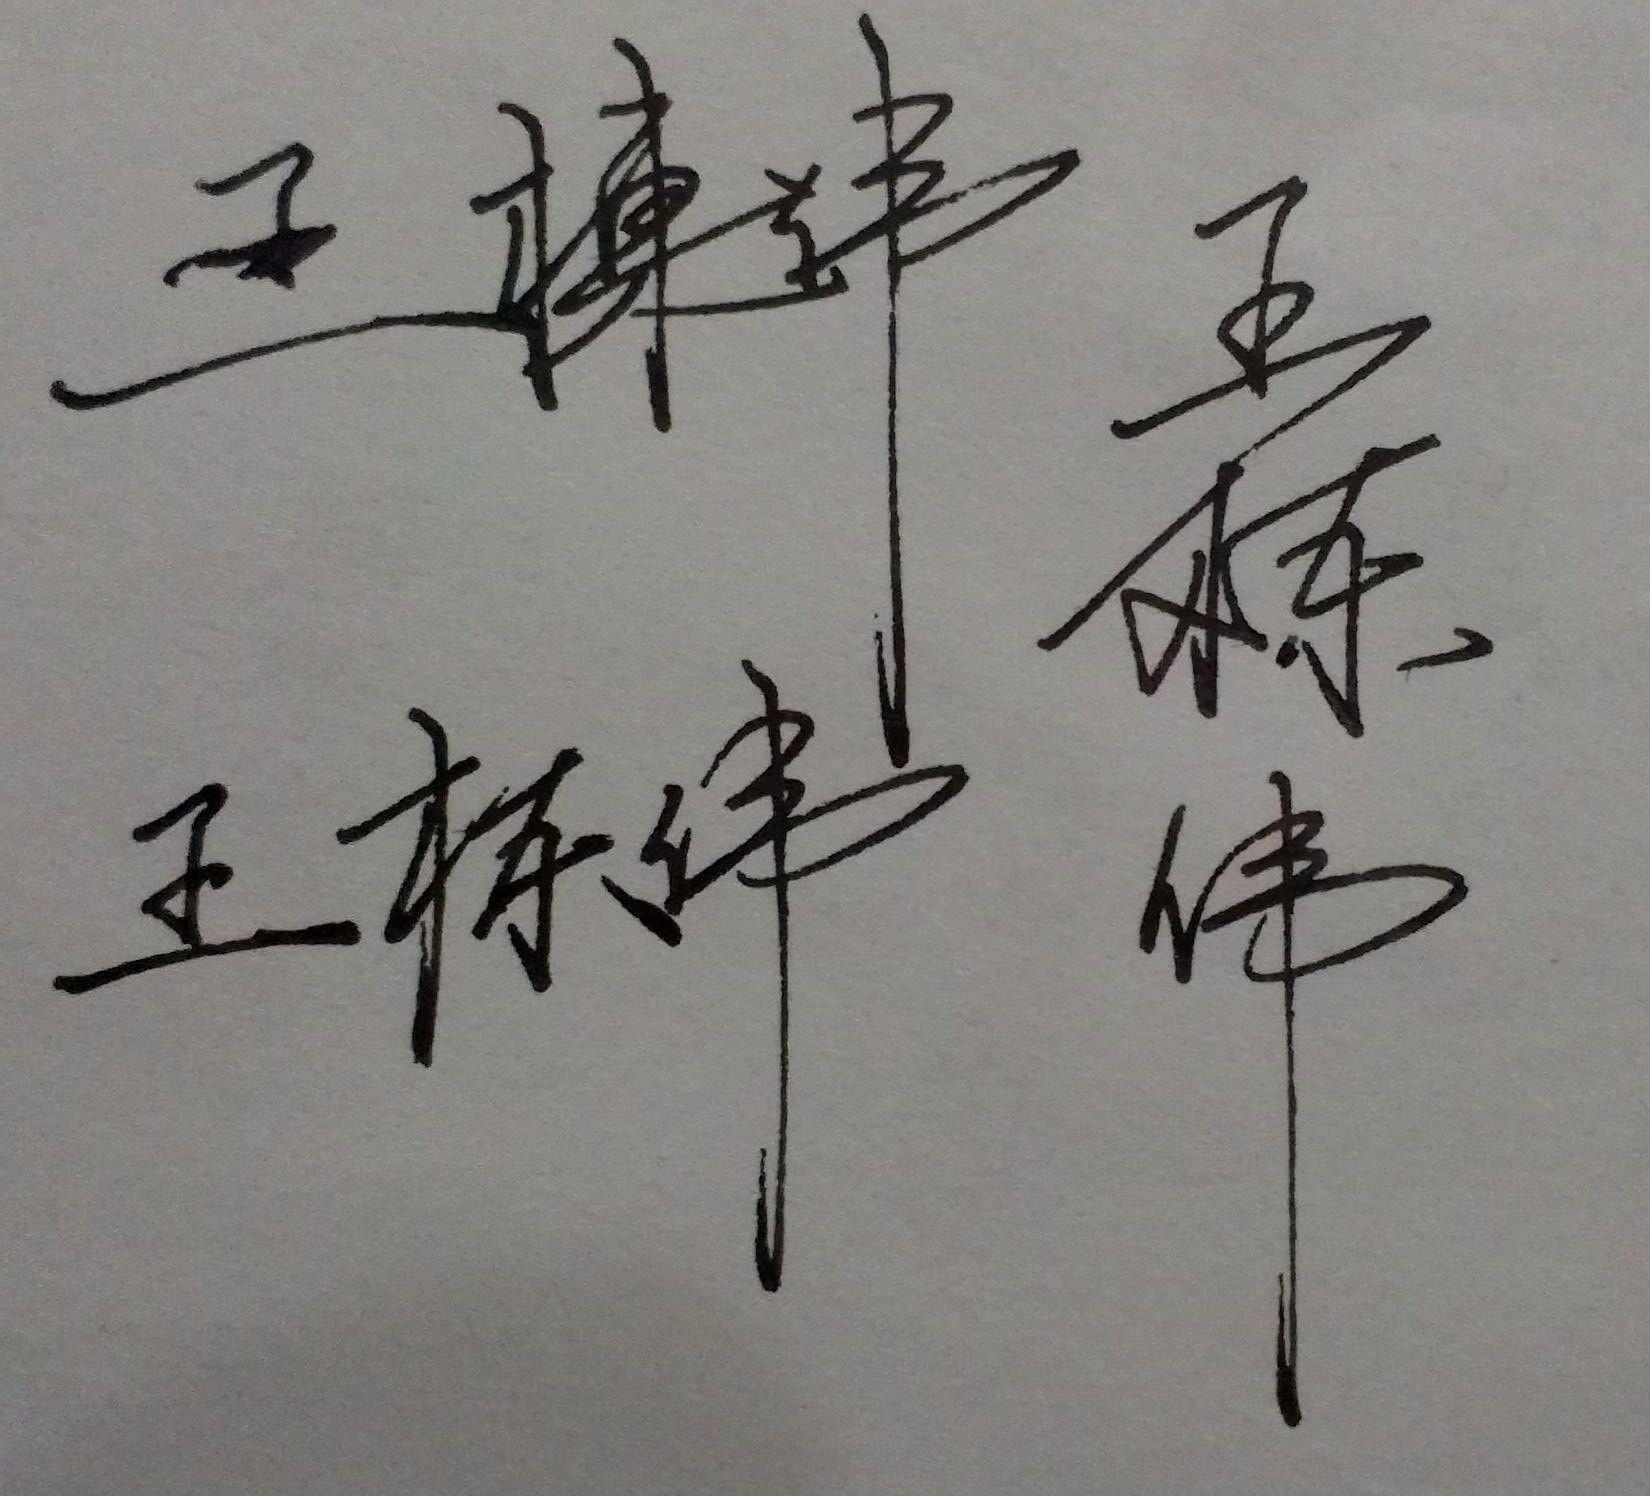 ... 王 瑞星 的 艺术 签名 怎么 写 好看 王 兵 的 艺术